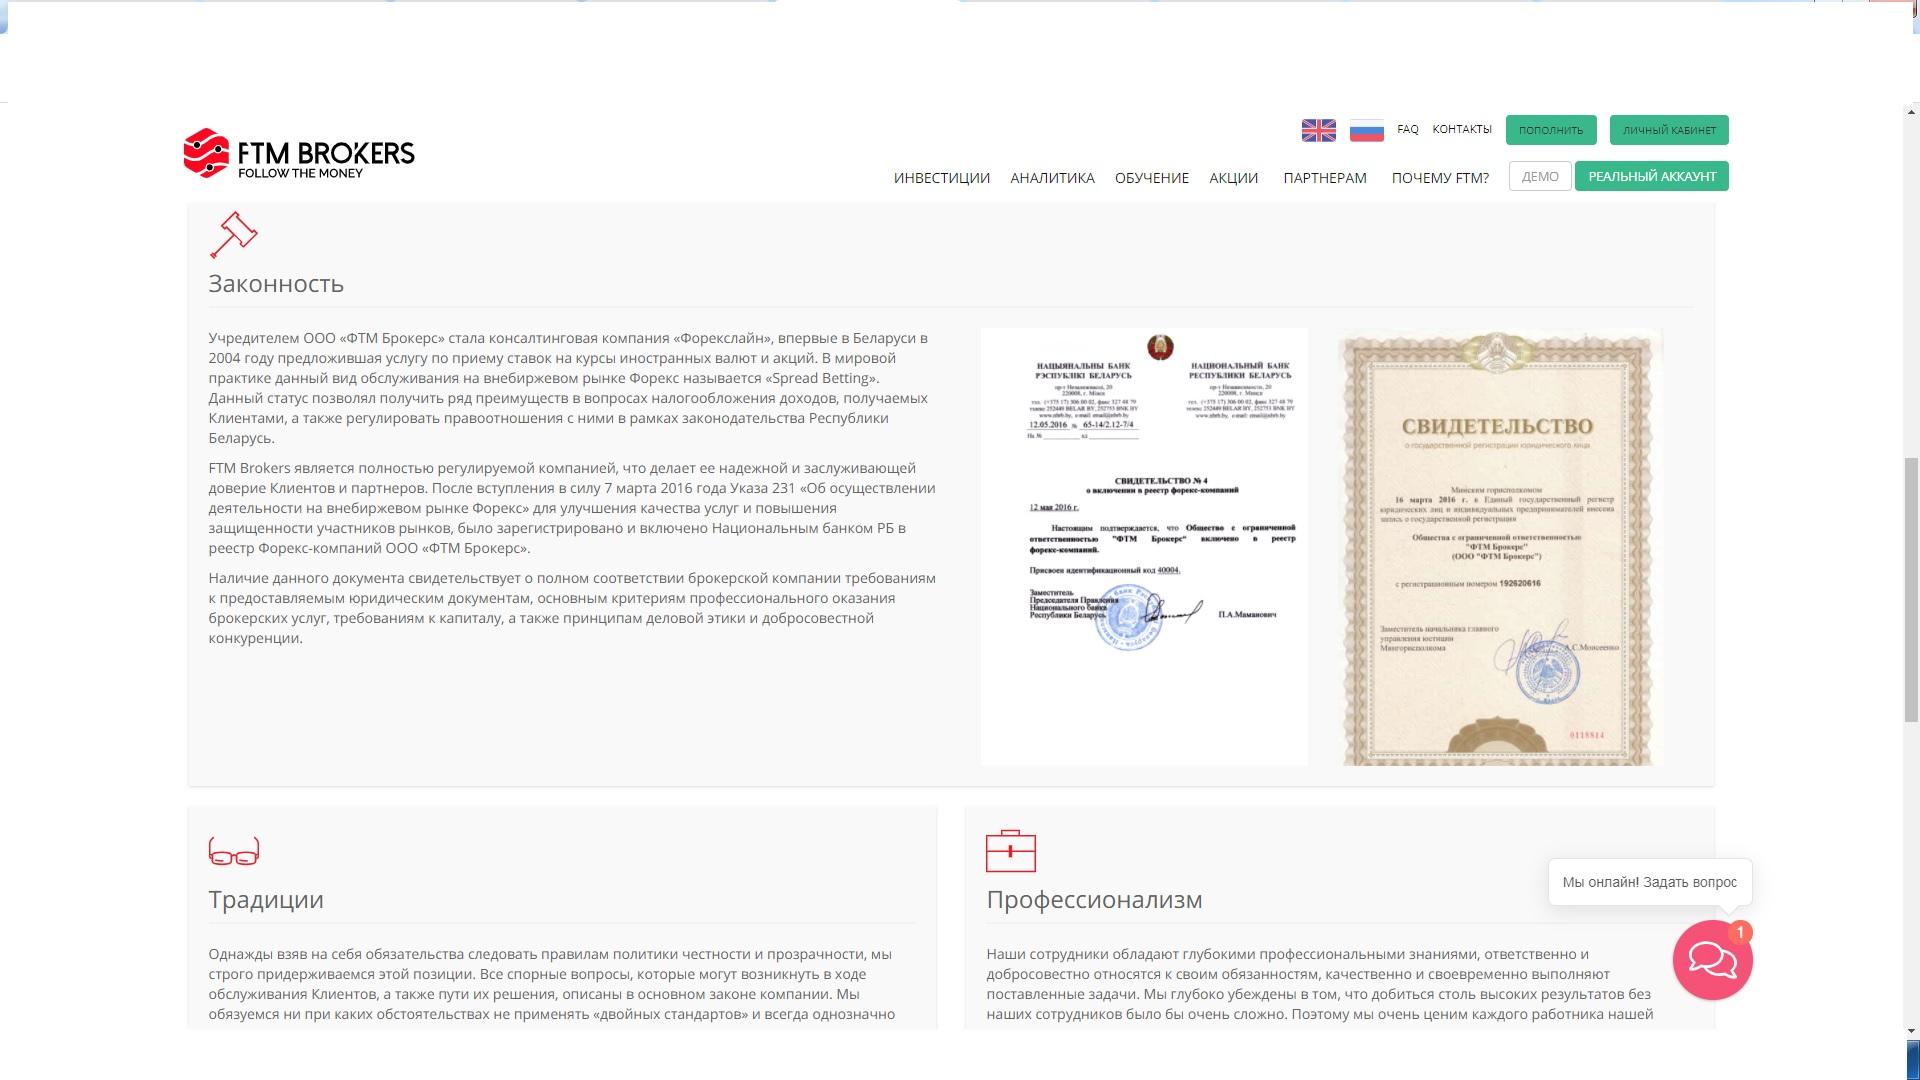 Юридические документы платформы